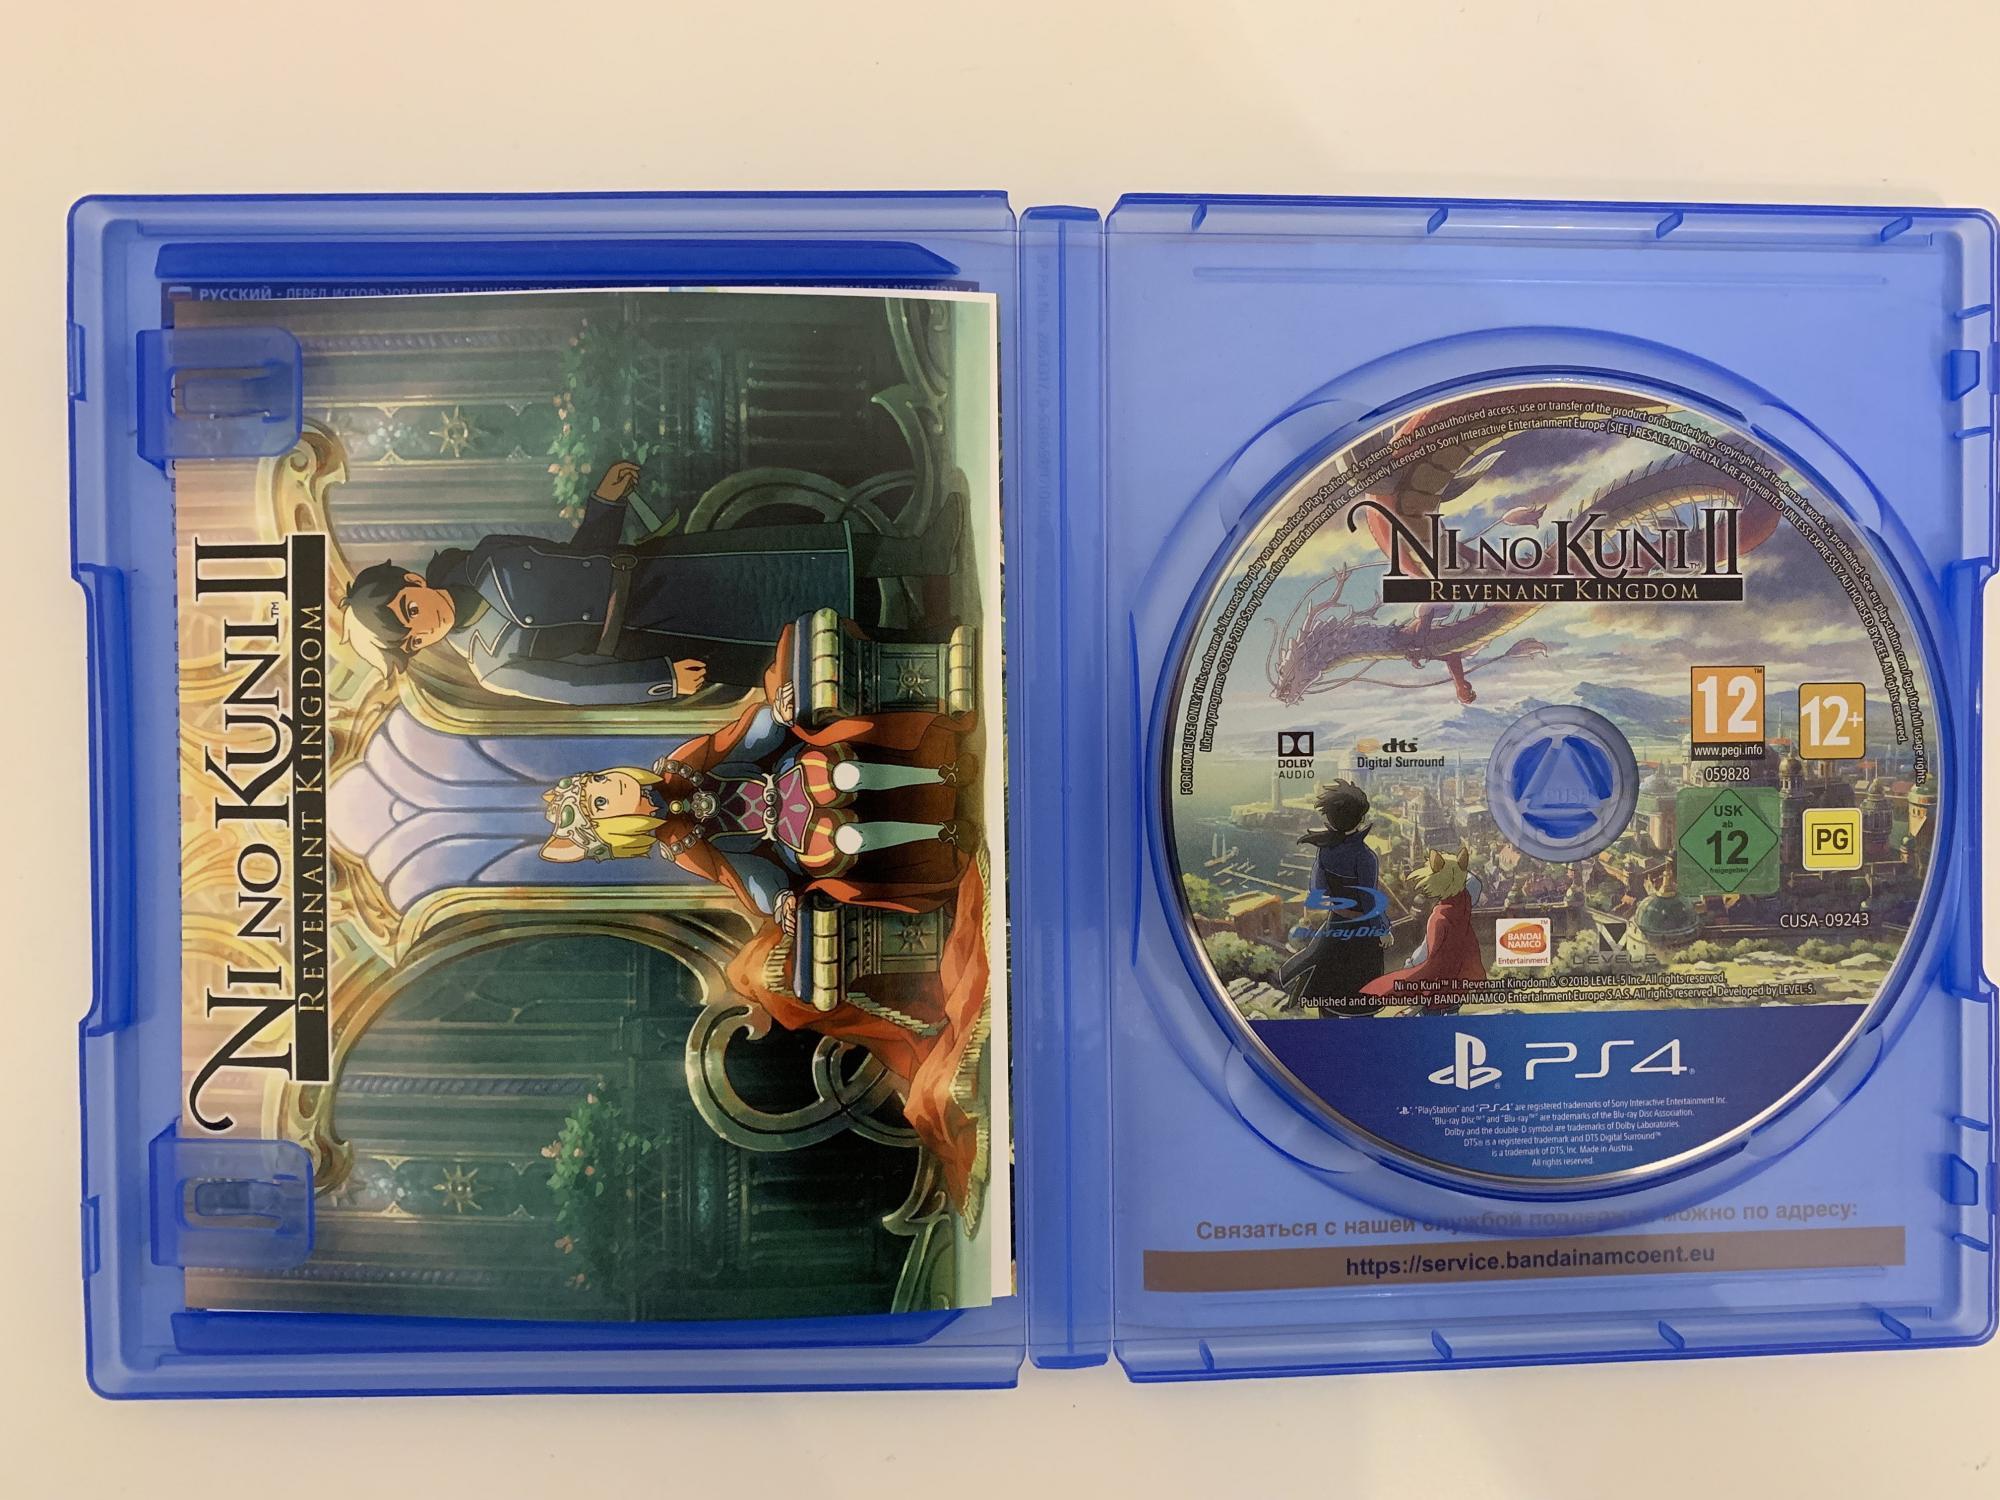 Ni no Kuni II: Возрождение Короля (PS4) в Москве 89685757880 купить 3